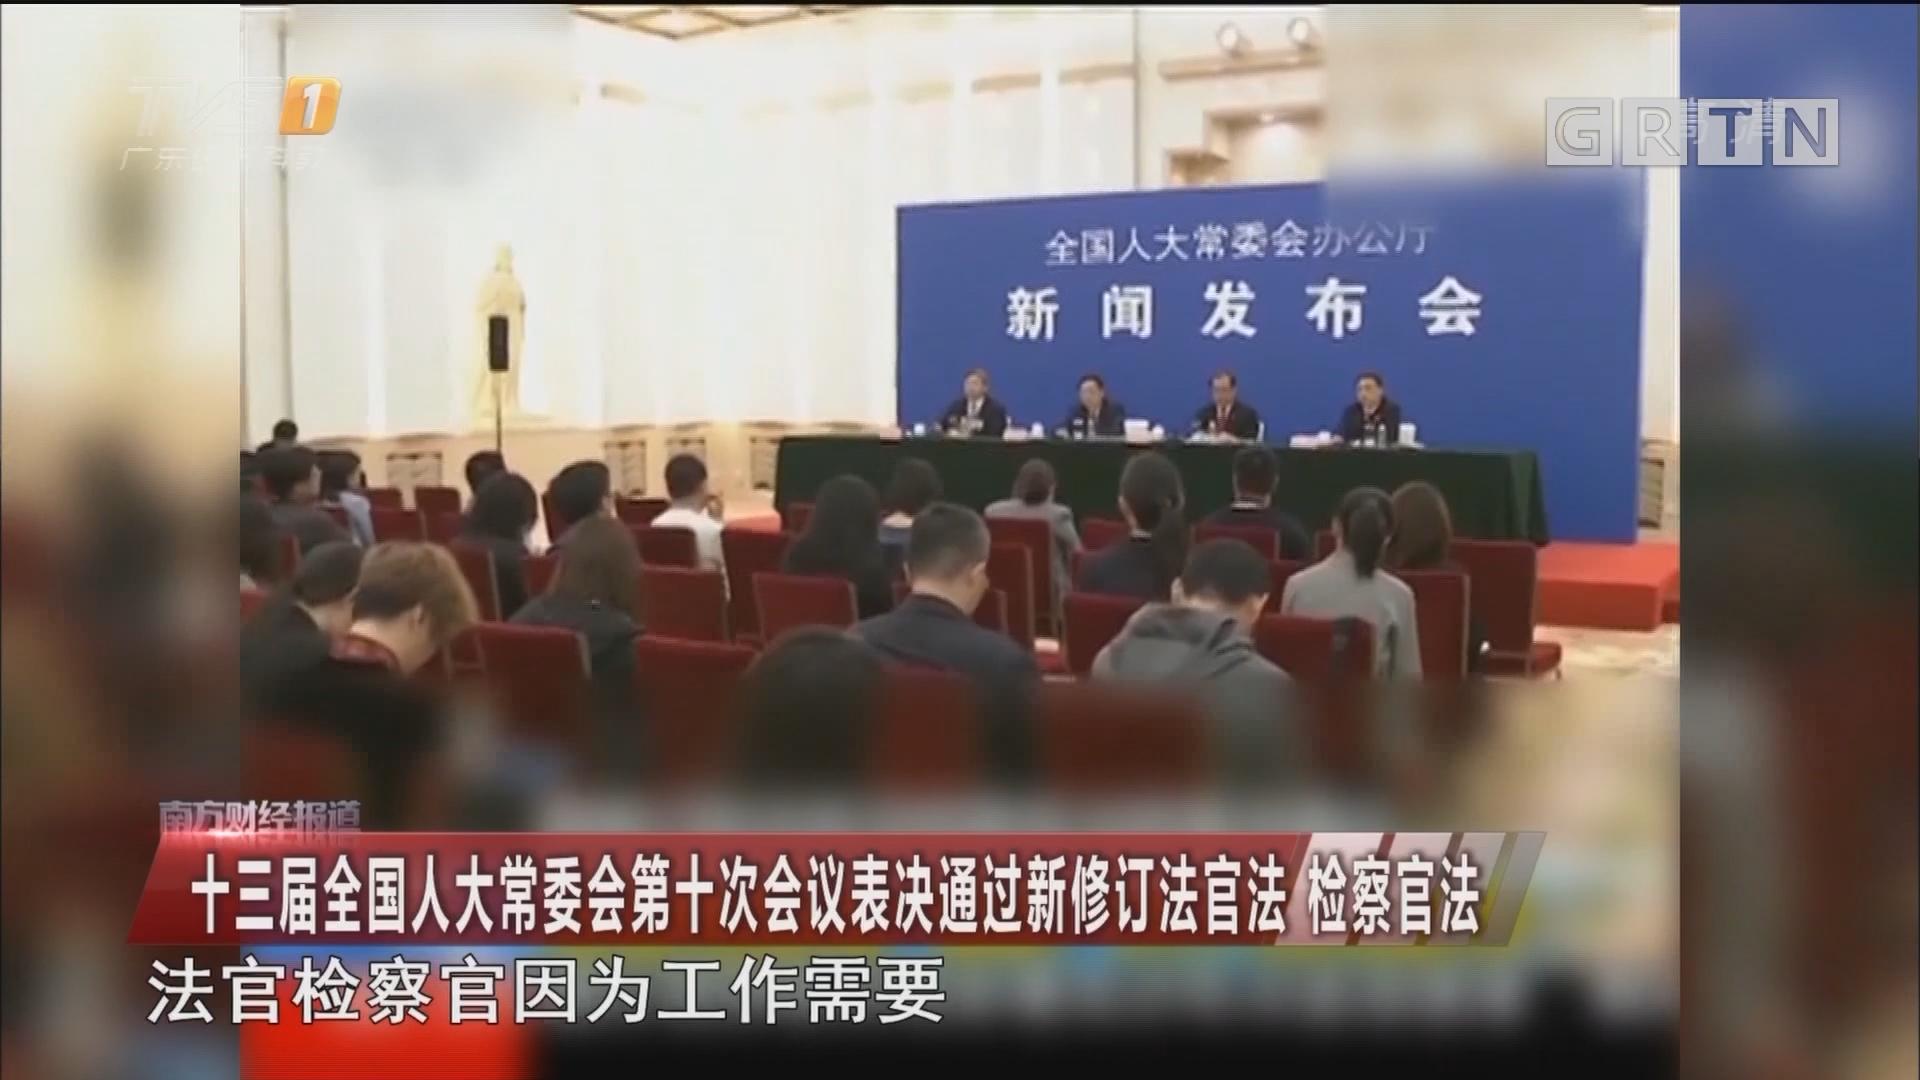 十三届全国人大常委会第十次会议表决通过新修订法官法 检察官法